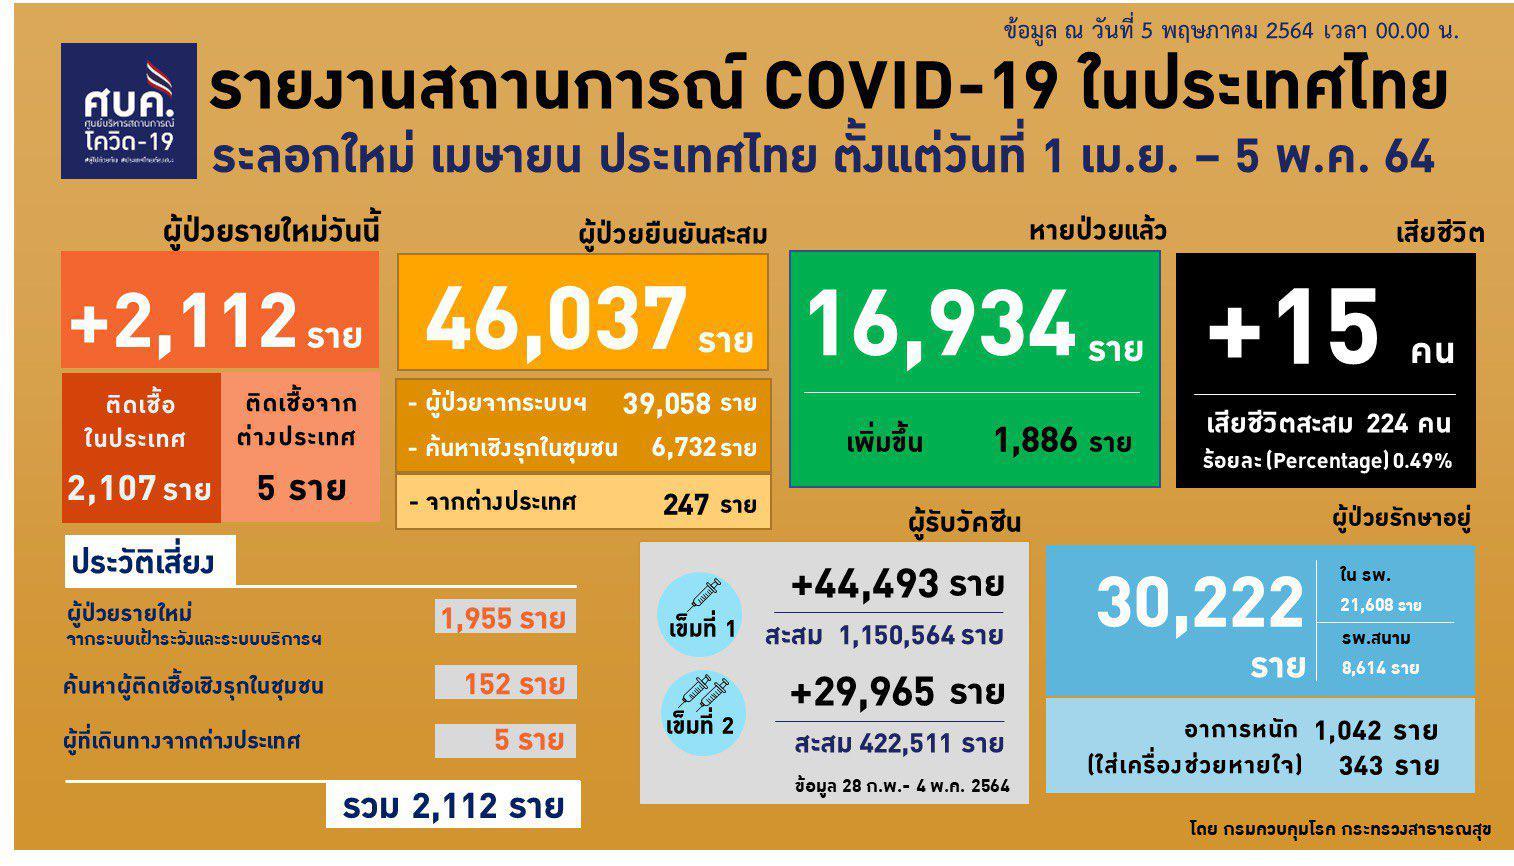 """ศบค.รับ """"สายพันธุ์บราซิล"""" เข้าไทย ติดเชื้อ +2,112 ราย 1,042 อาการหนัก เปิดคลัสเตอร์ชุมชนกลางกรุง"""